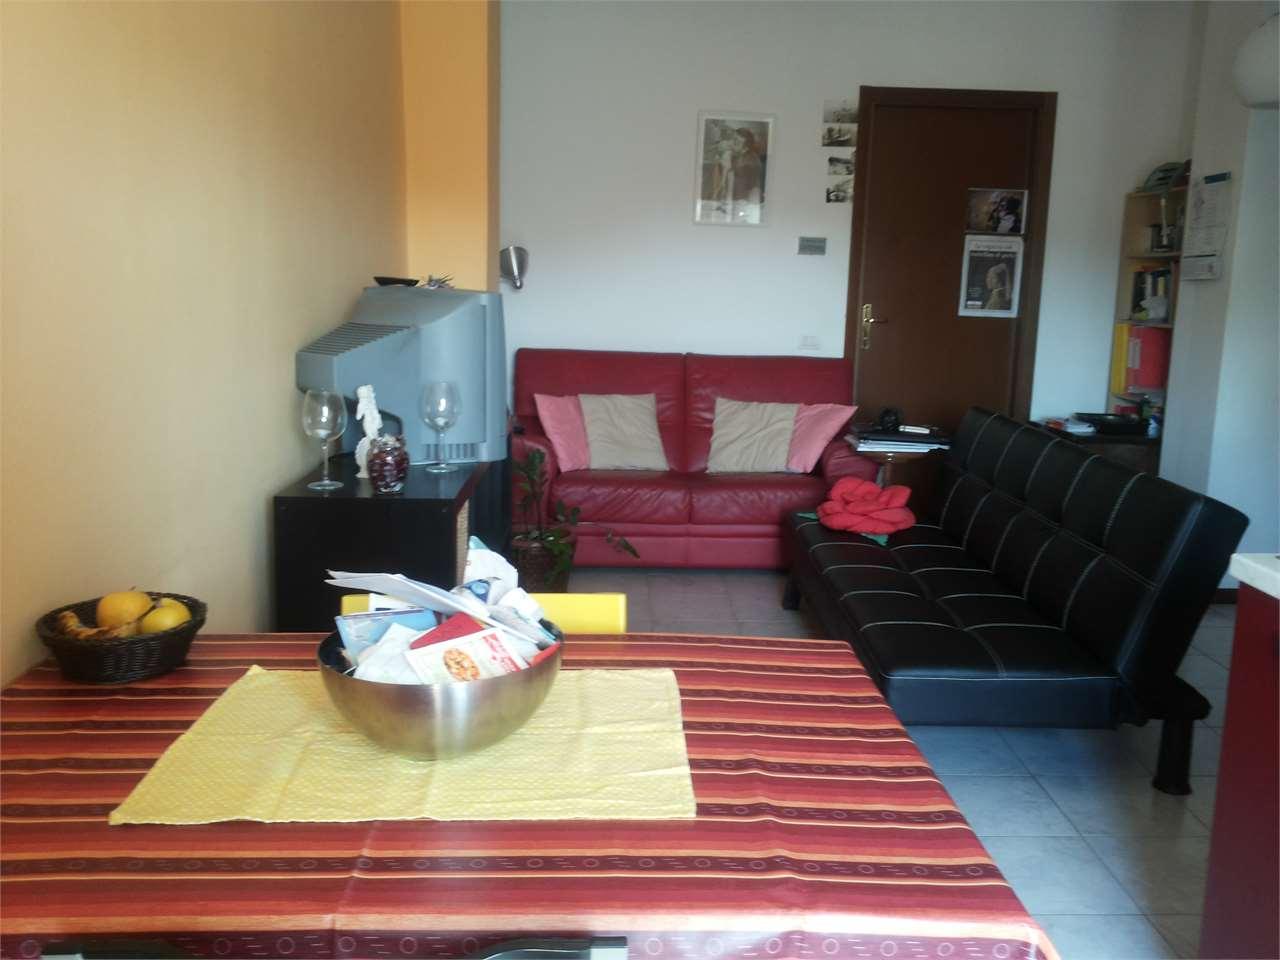 Appartamento in vendita a Senago, 2 locali, prezzo € 57.000 | CambioCasa.it